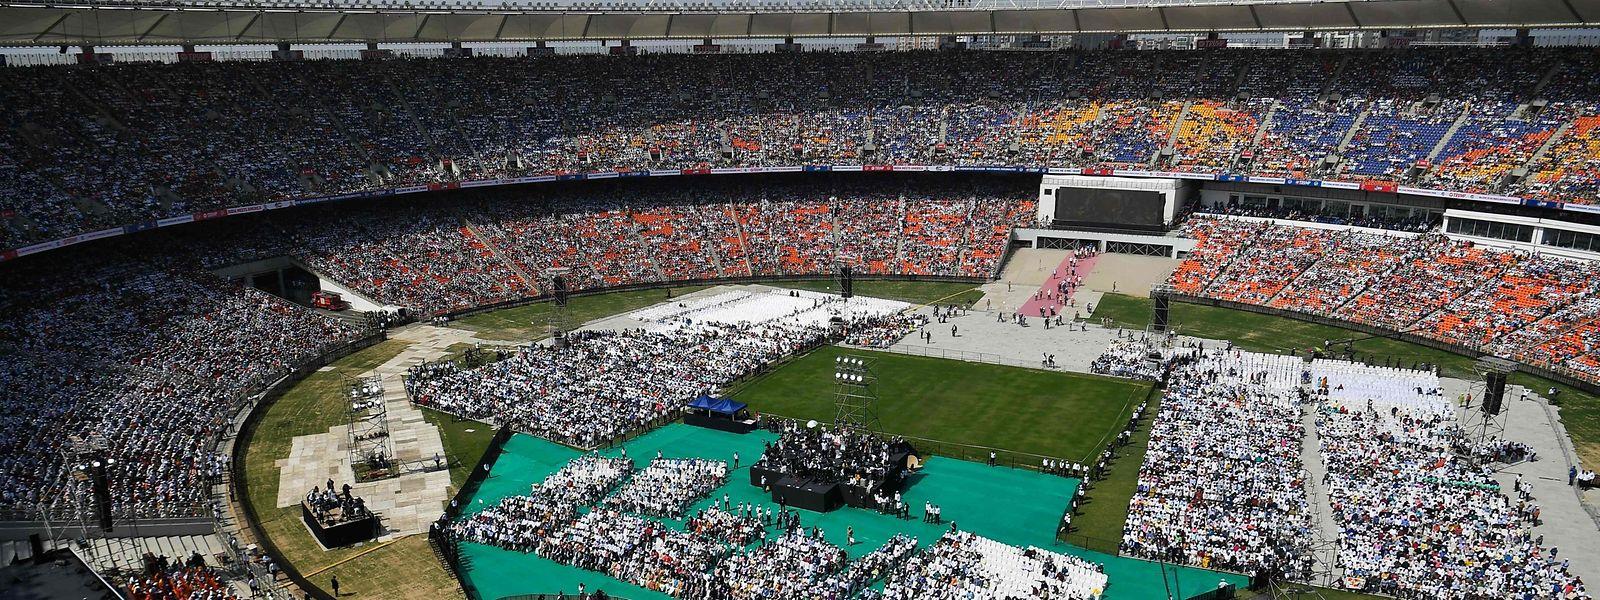 Trump sprach in einem Cricket-Stadion vor rund 100 000 Menschen.